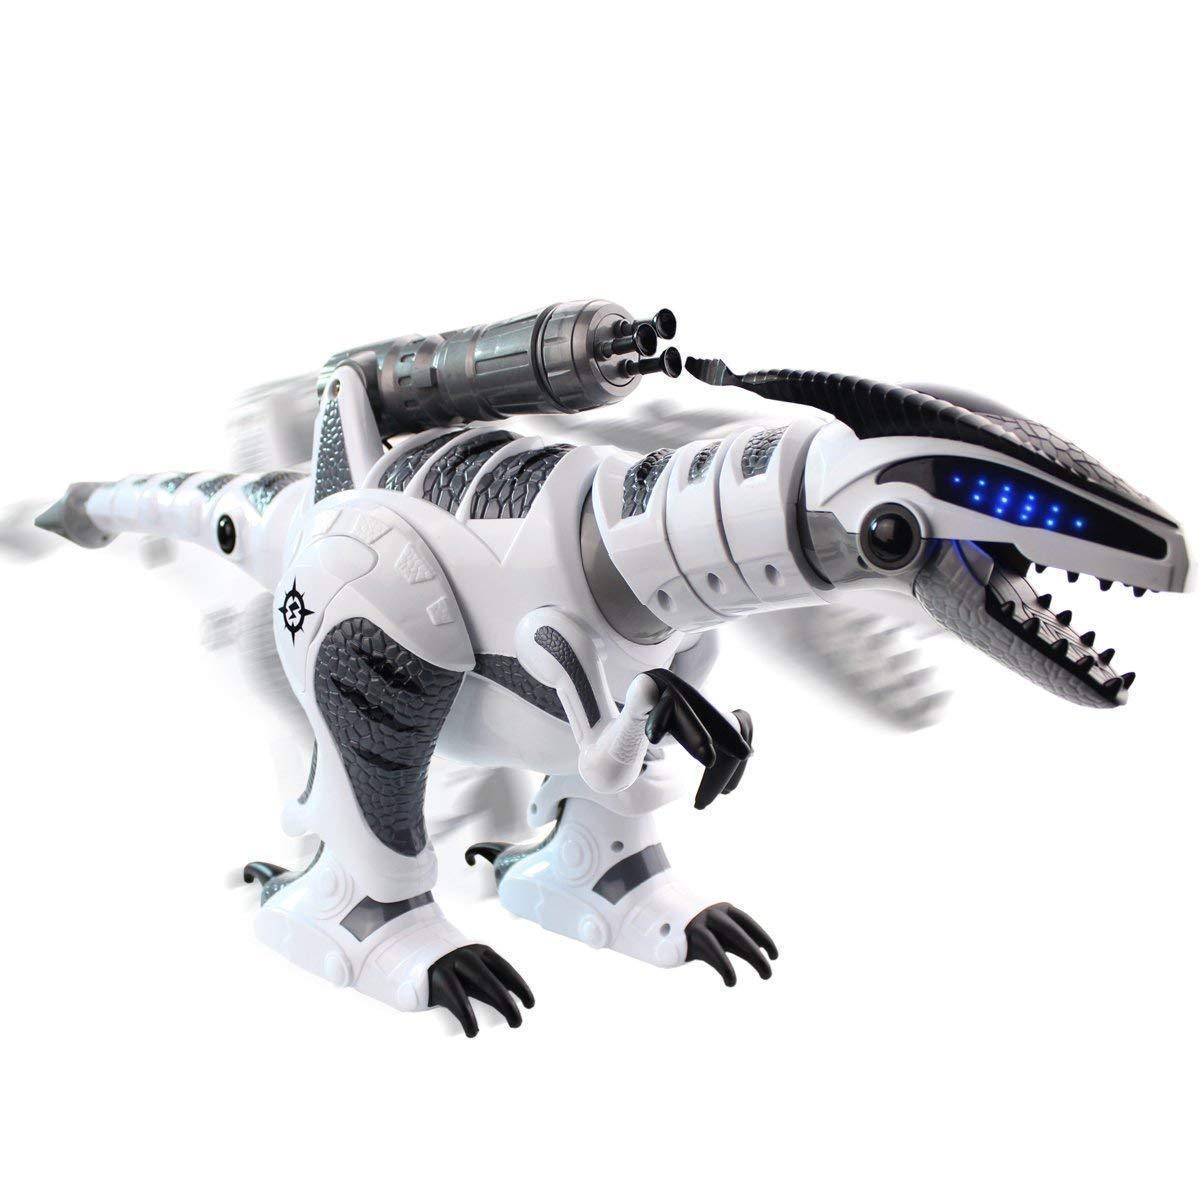 Dinosaure jouets RC Robot Intelligent interactif Intelligent marche danse chantant électronique animaux éducation enfants jouets blanc gris - 3